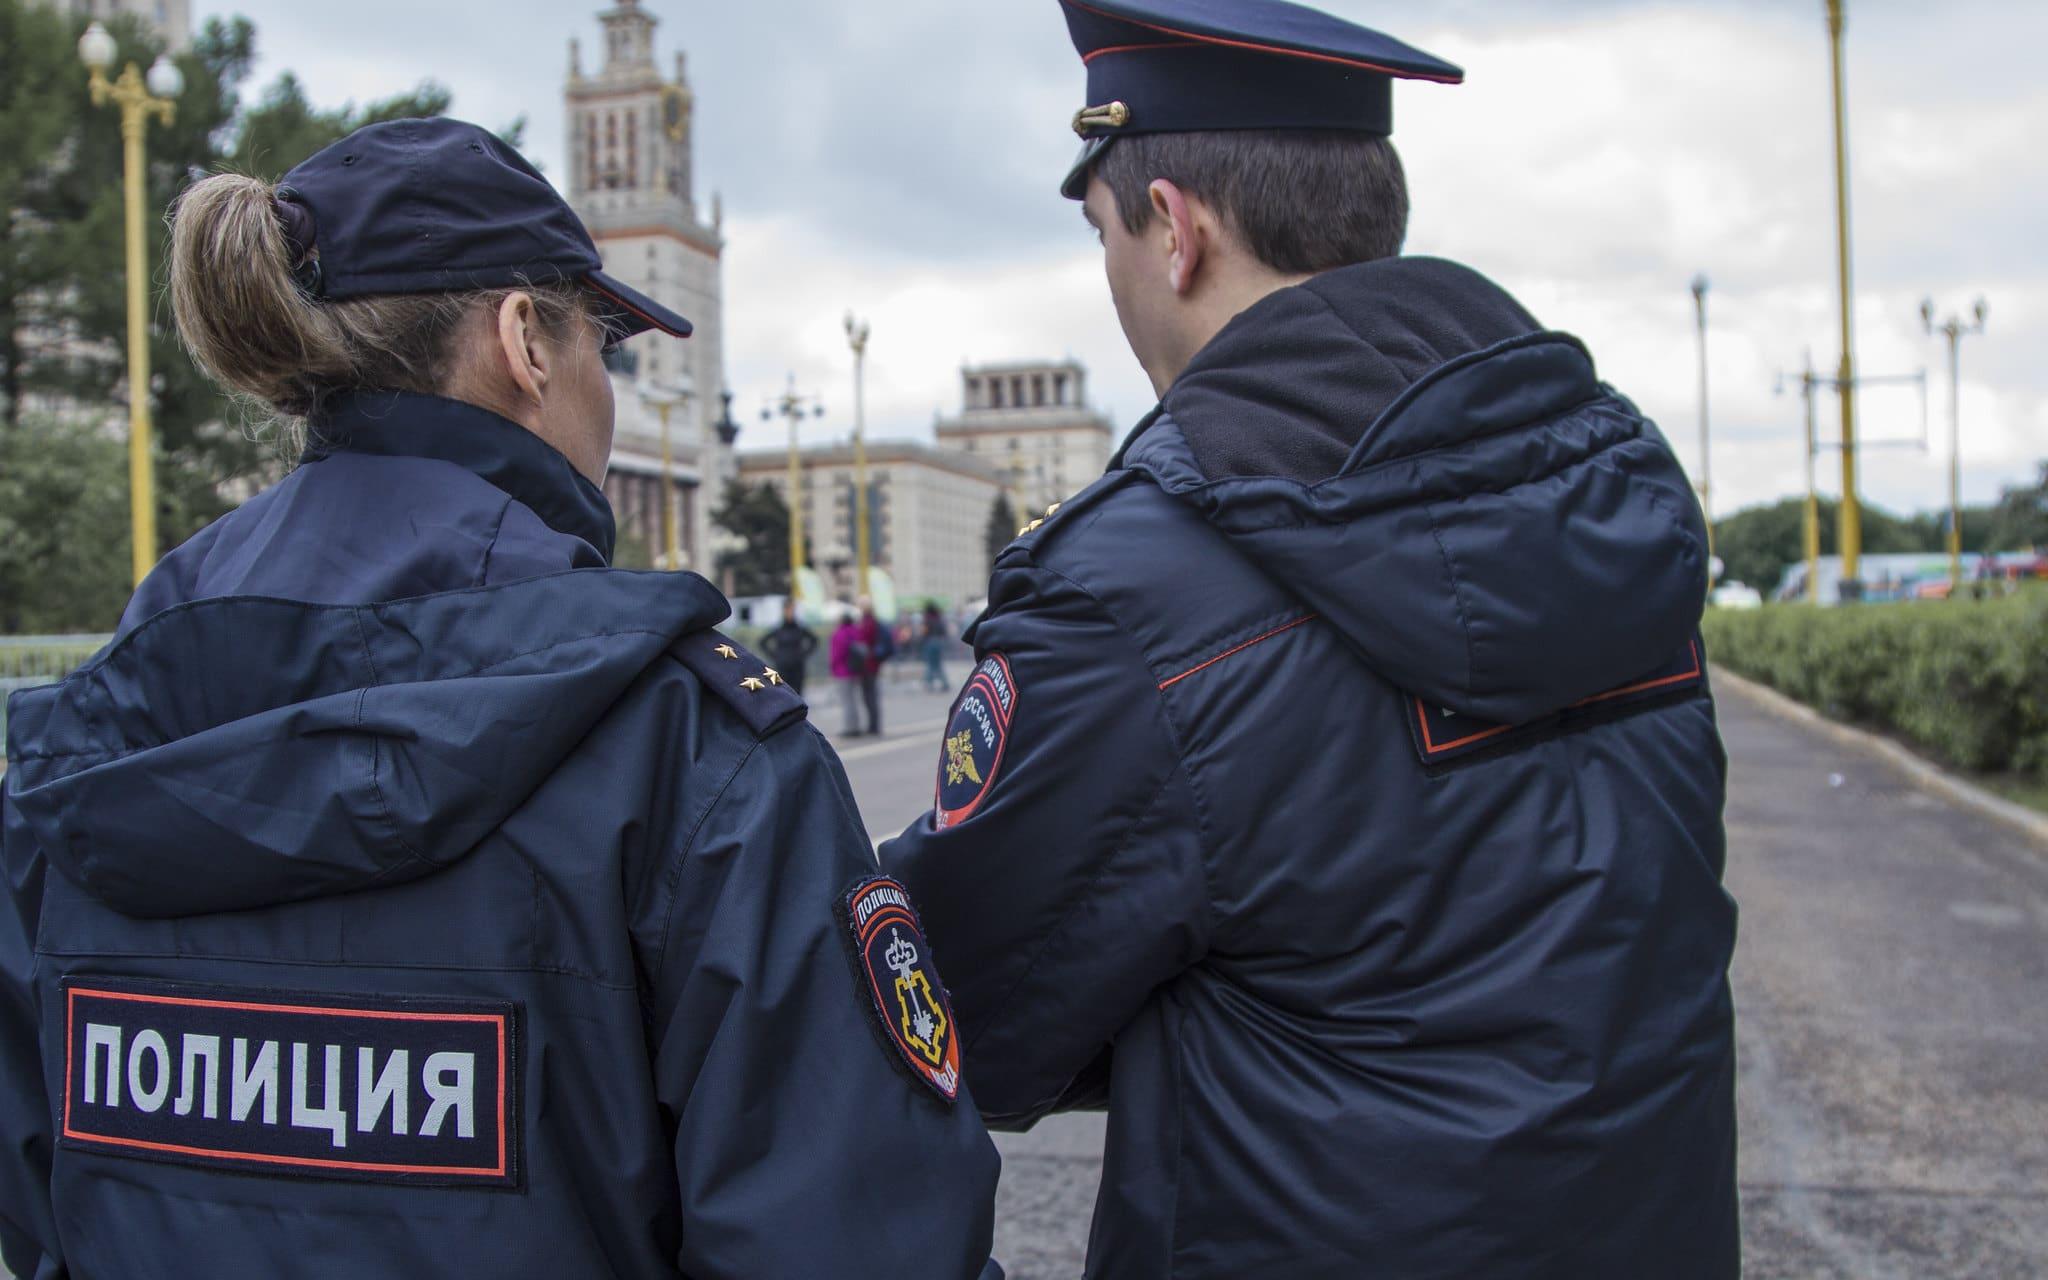 Для некоторых сотрудников полиции увеличилась сумма выплаты на покупку жилья